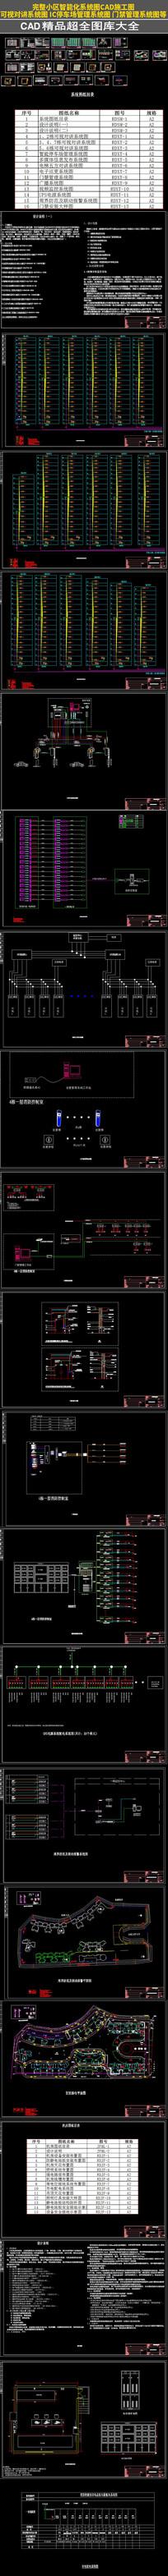 完整高档小区智能化系统图